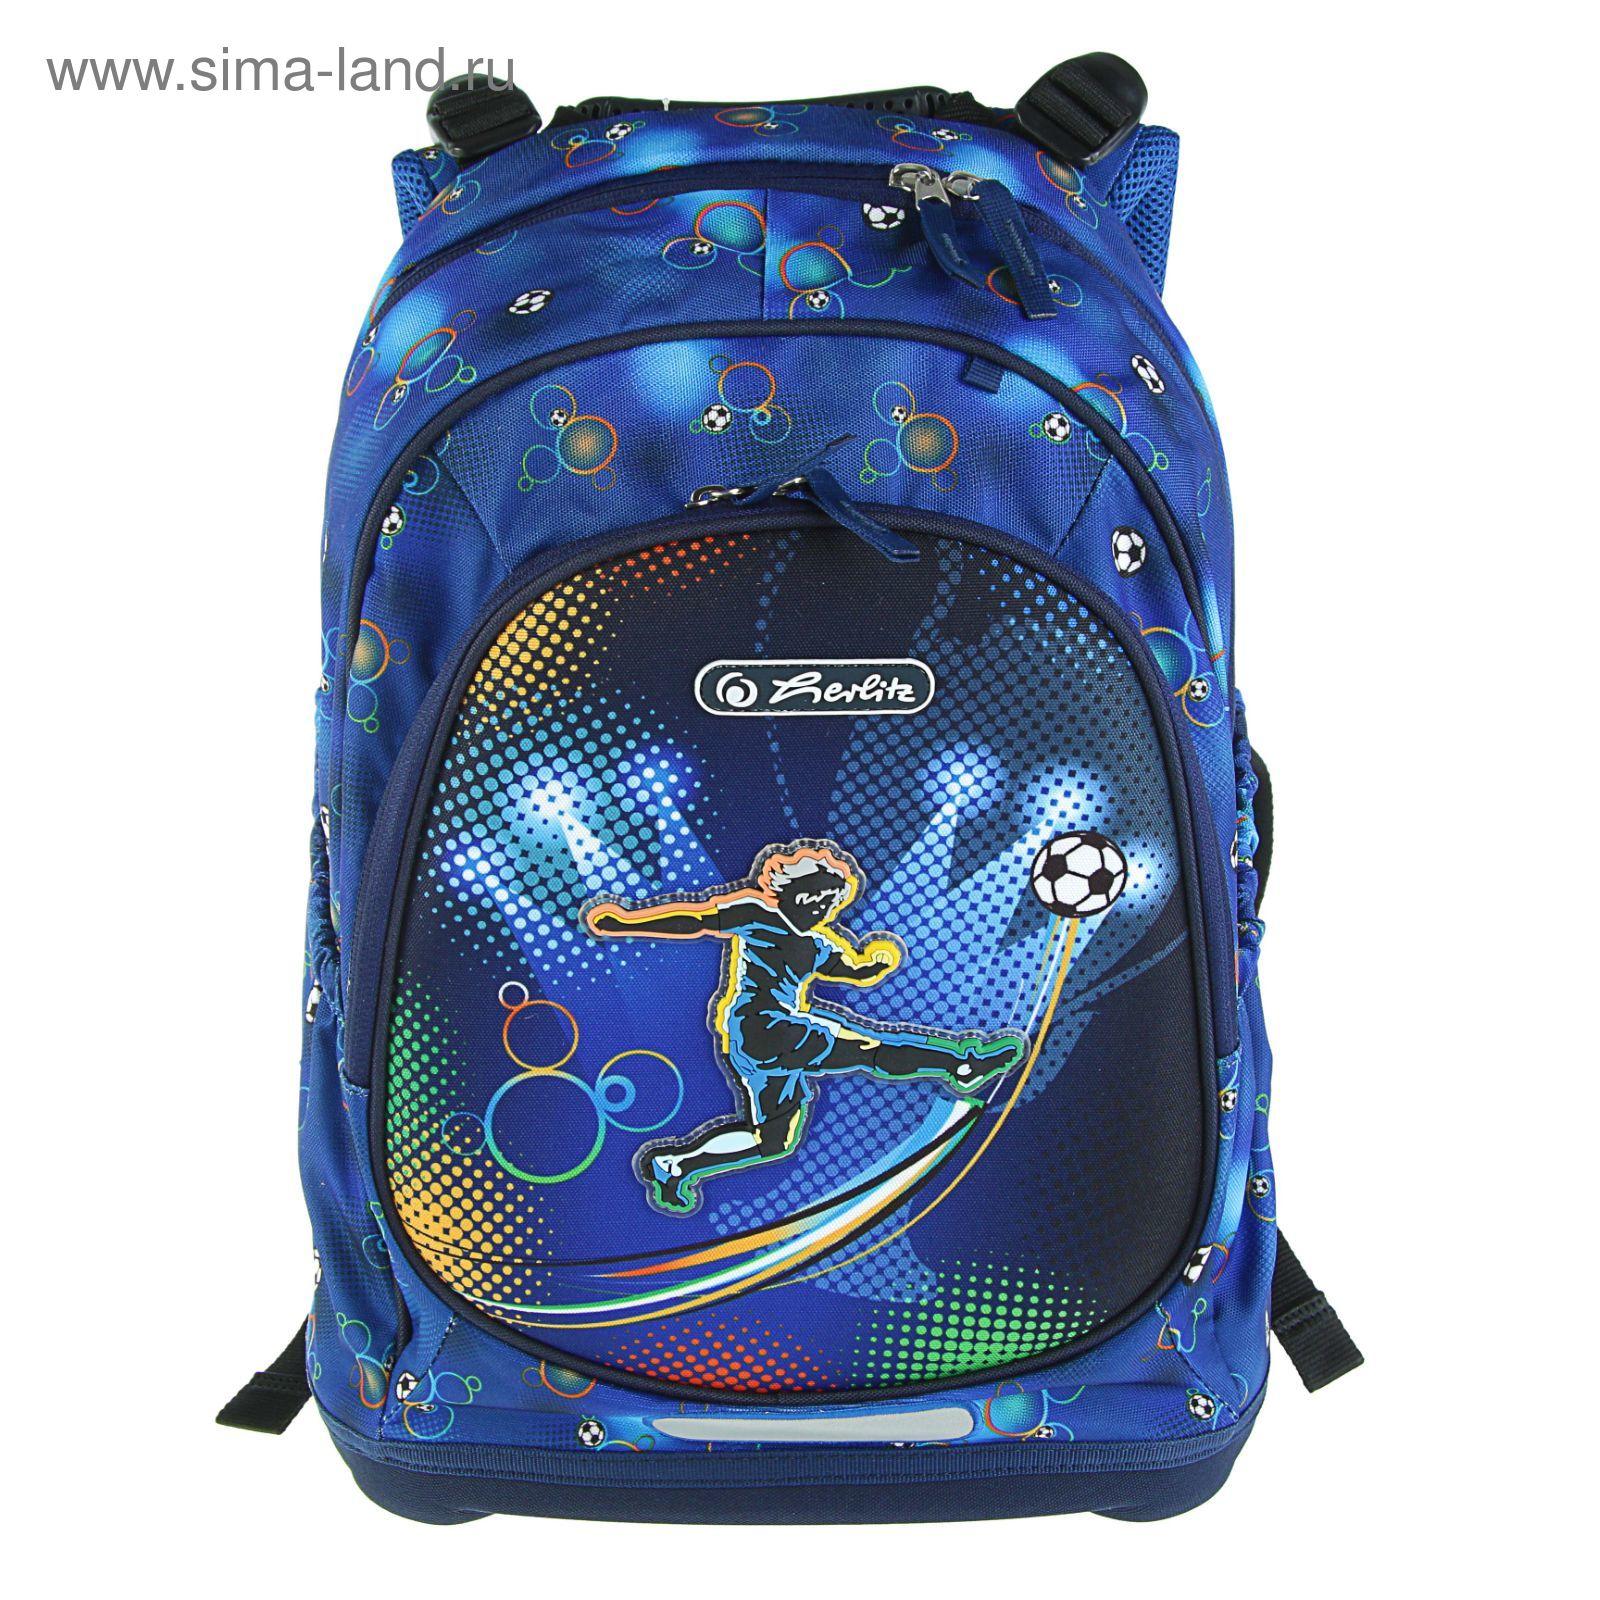 9f8049ca7864 Рюкзак школьный эргономичная спинка для мальчиков Herlitz 43*30*18 см,  Bliss Soccer